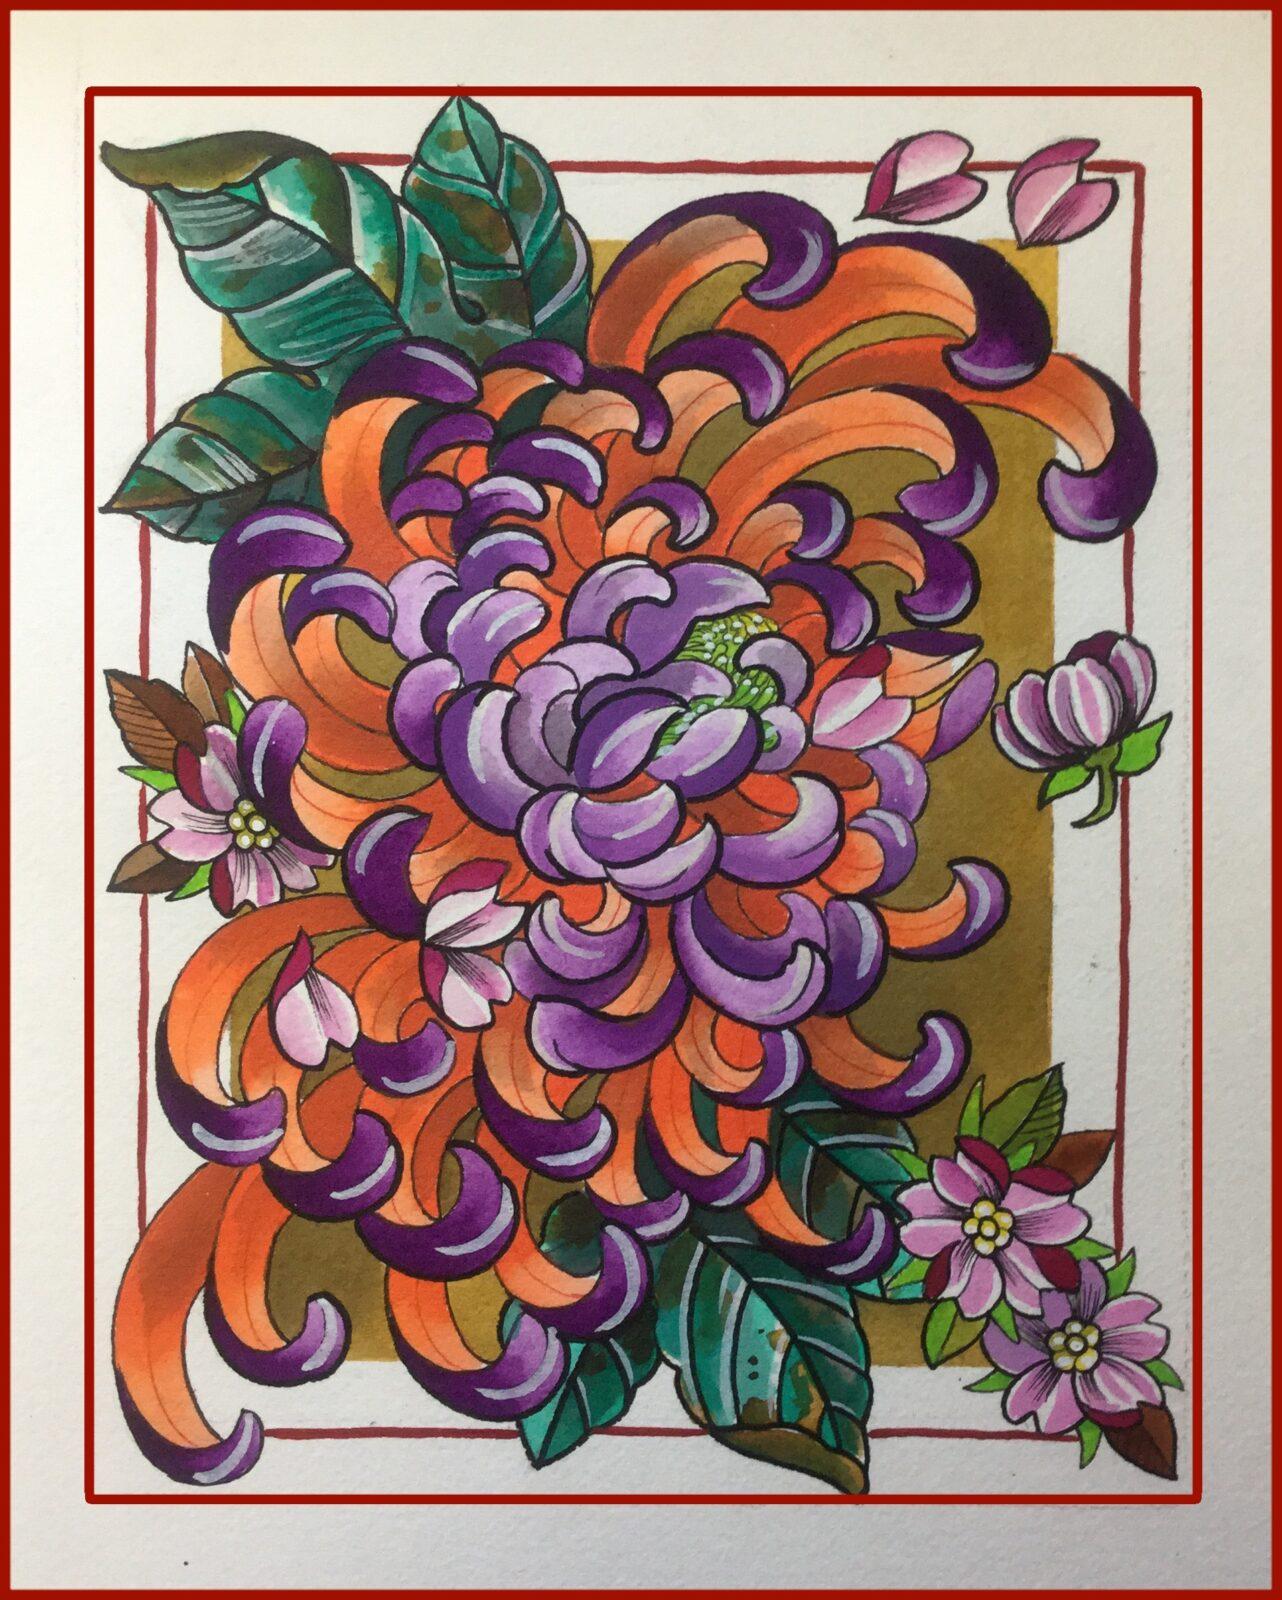 Chrysanthemum Tattoo Study